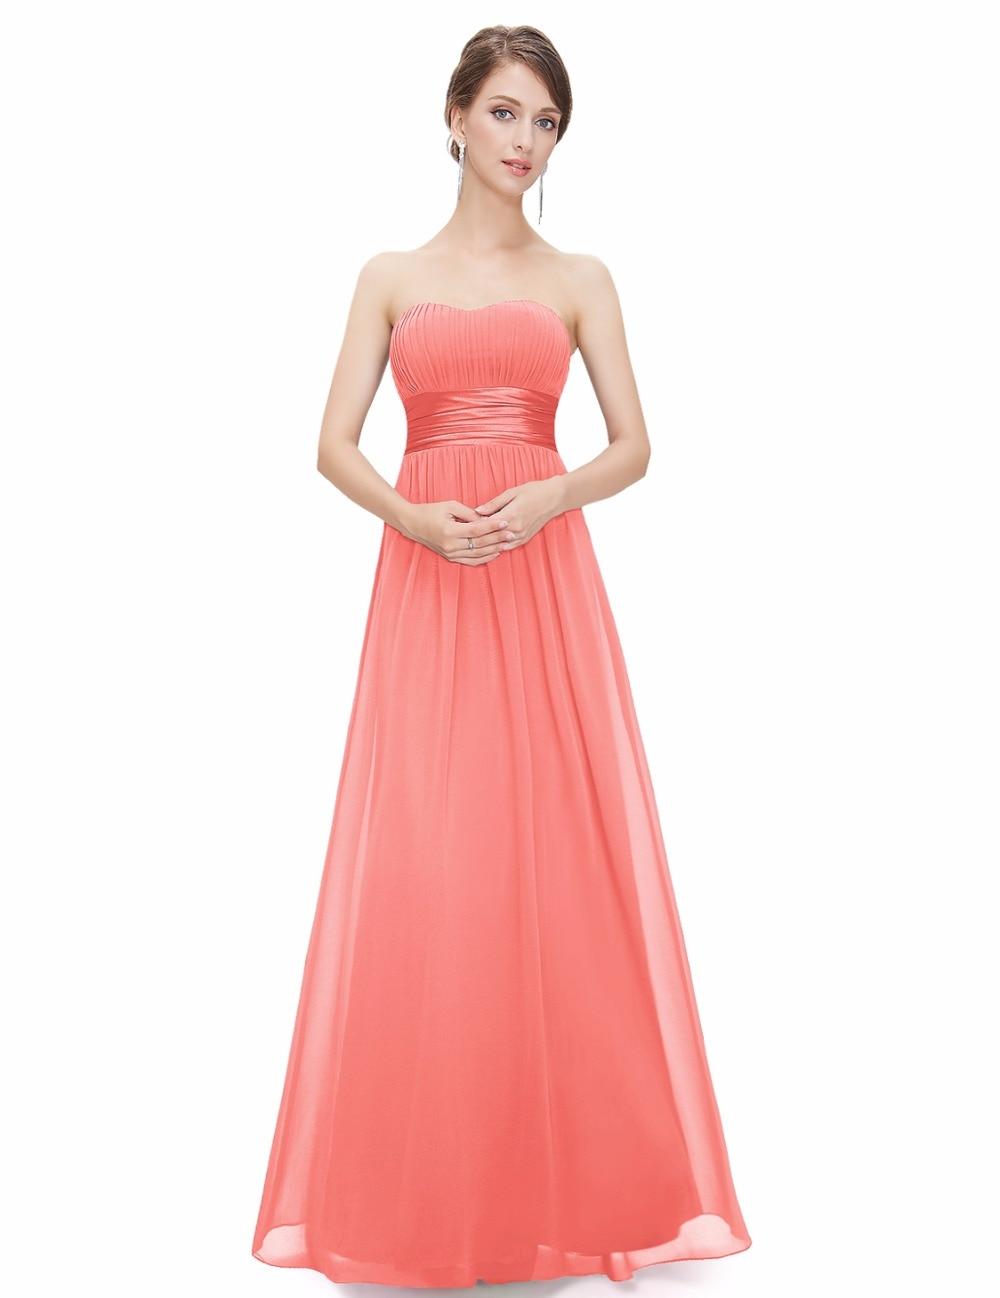 Encantador Vestidos De Dama Infinito Ideas - Colección de Vestidos ...